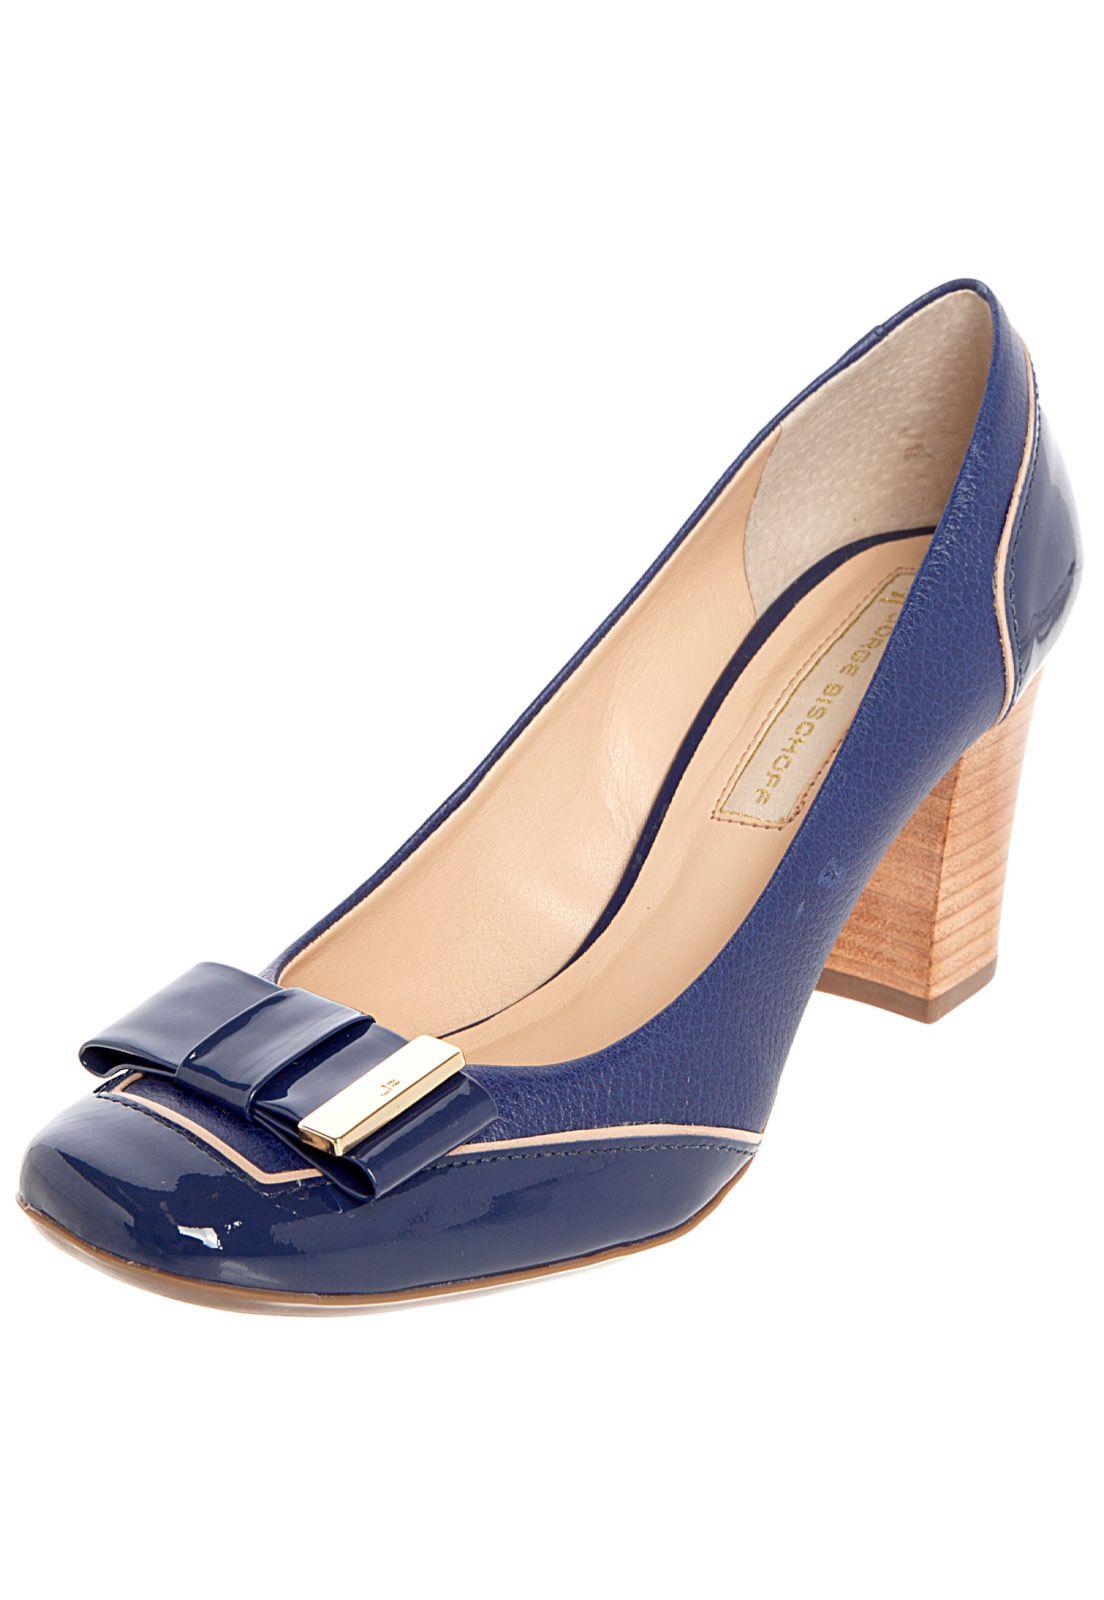 f979e5309e 2bb922c71 Scarpin Jorge Bischoff Salto Grosso Laço Azul - Compre Agora ...